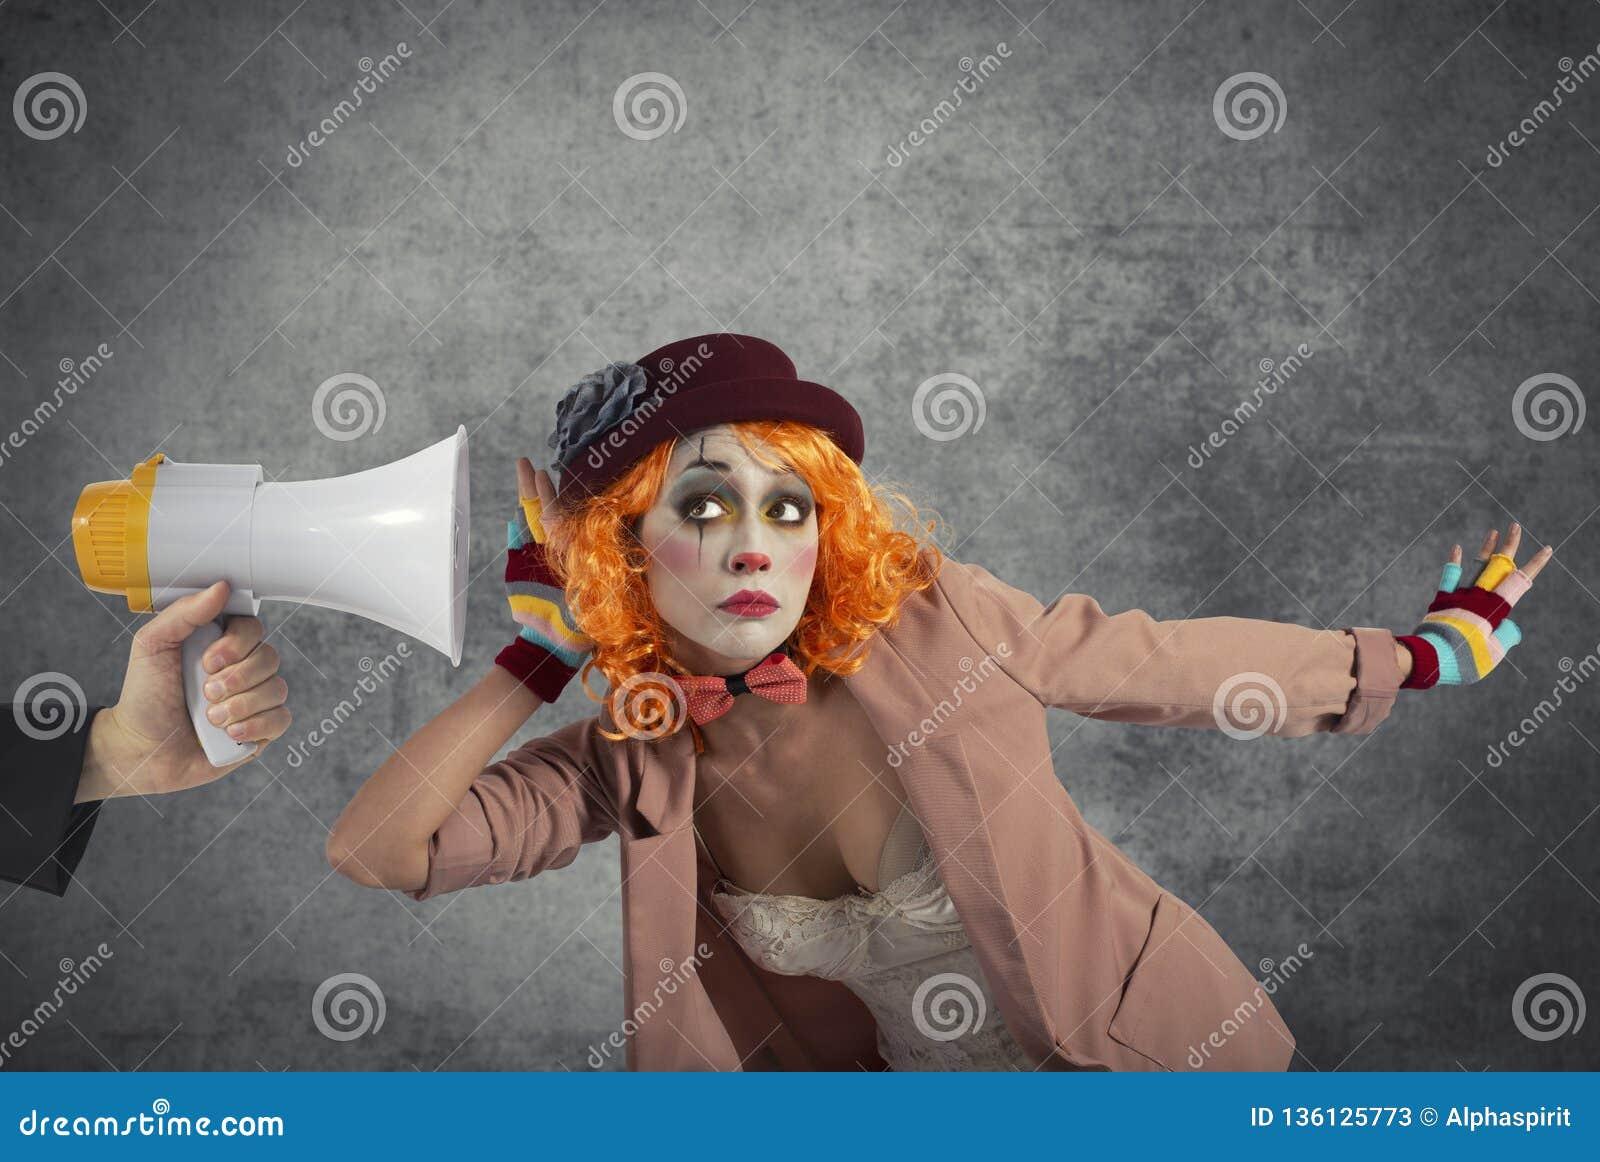 滑稽的小丑听见有消息的一台扩音机